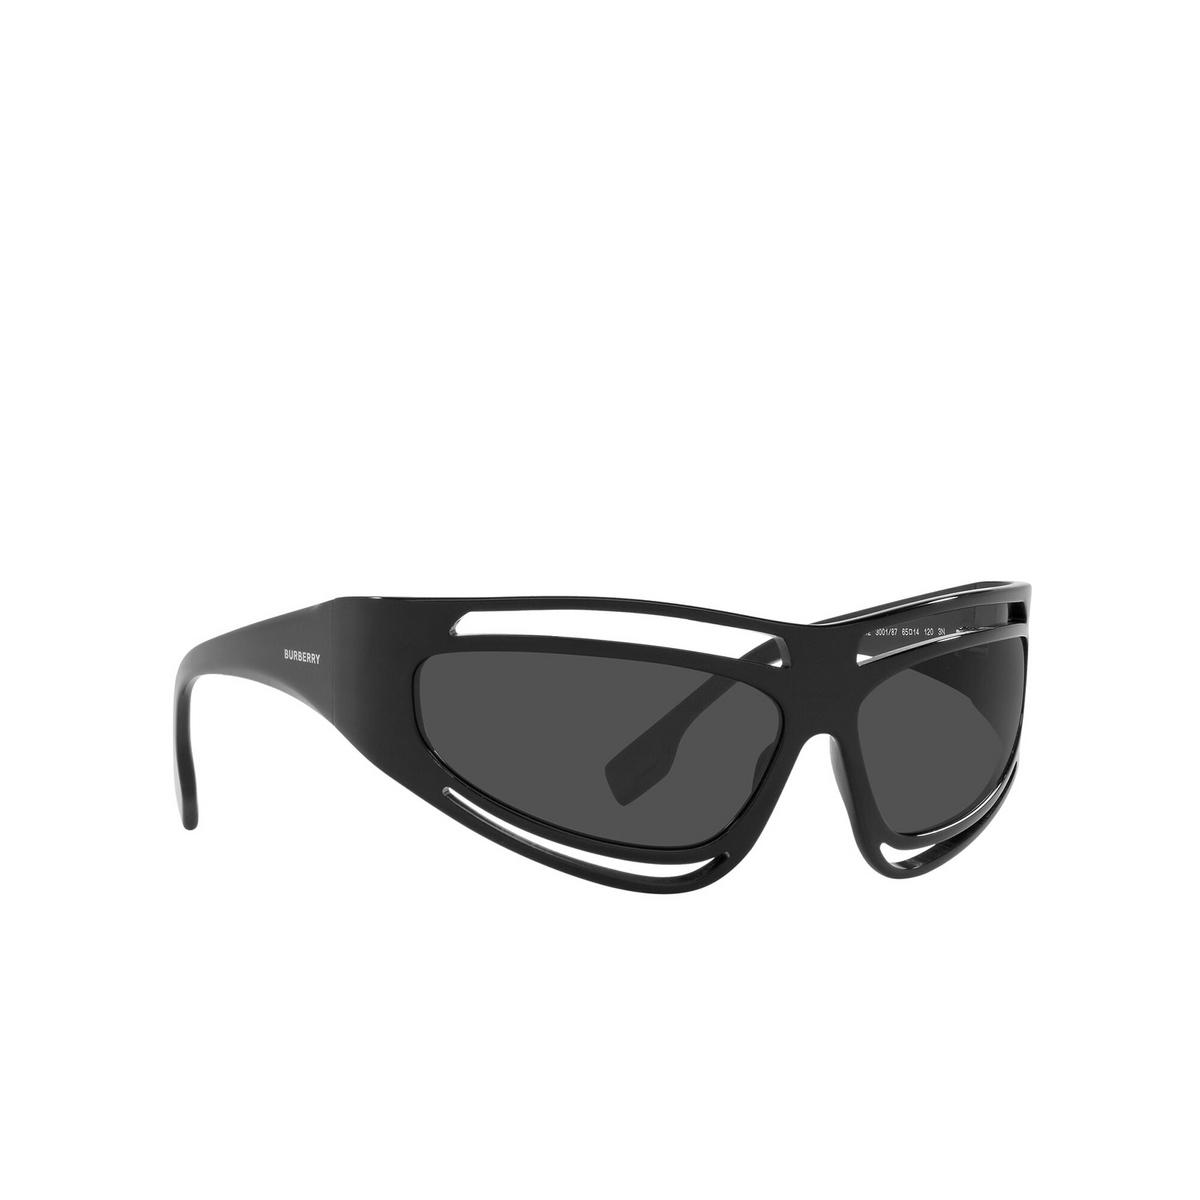 Burberry® Sport Sunglasses: BE4342 color Black 300187 - three-quarters view.